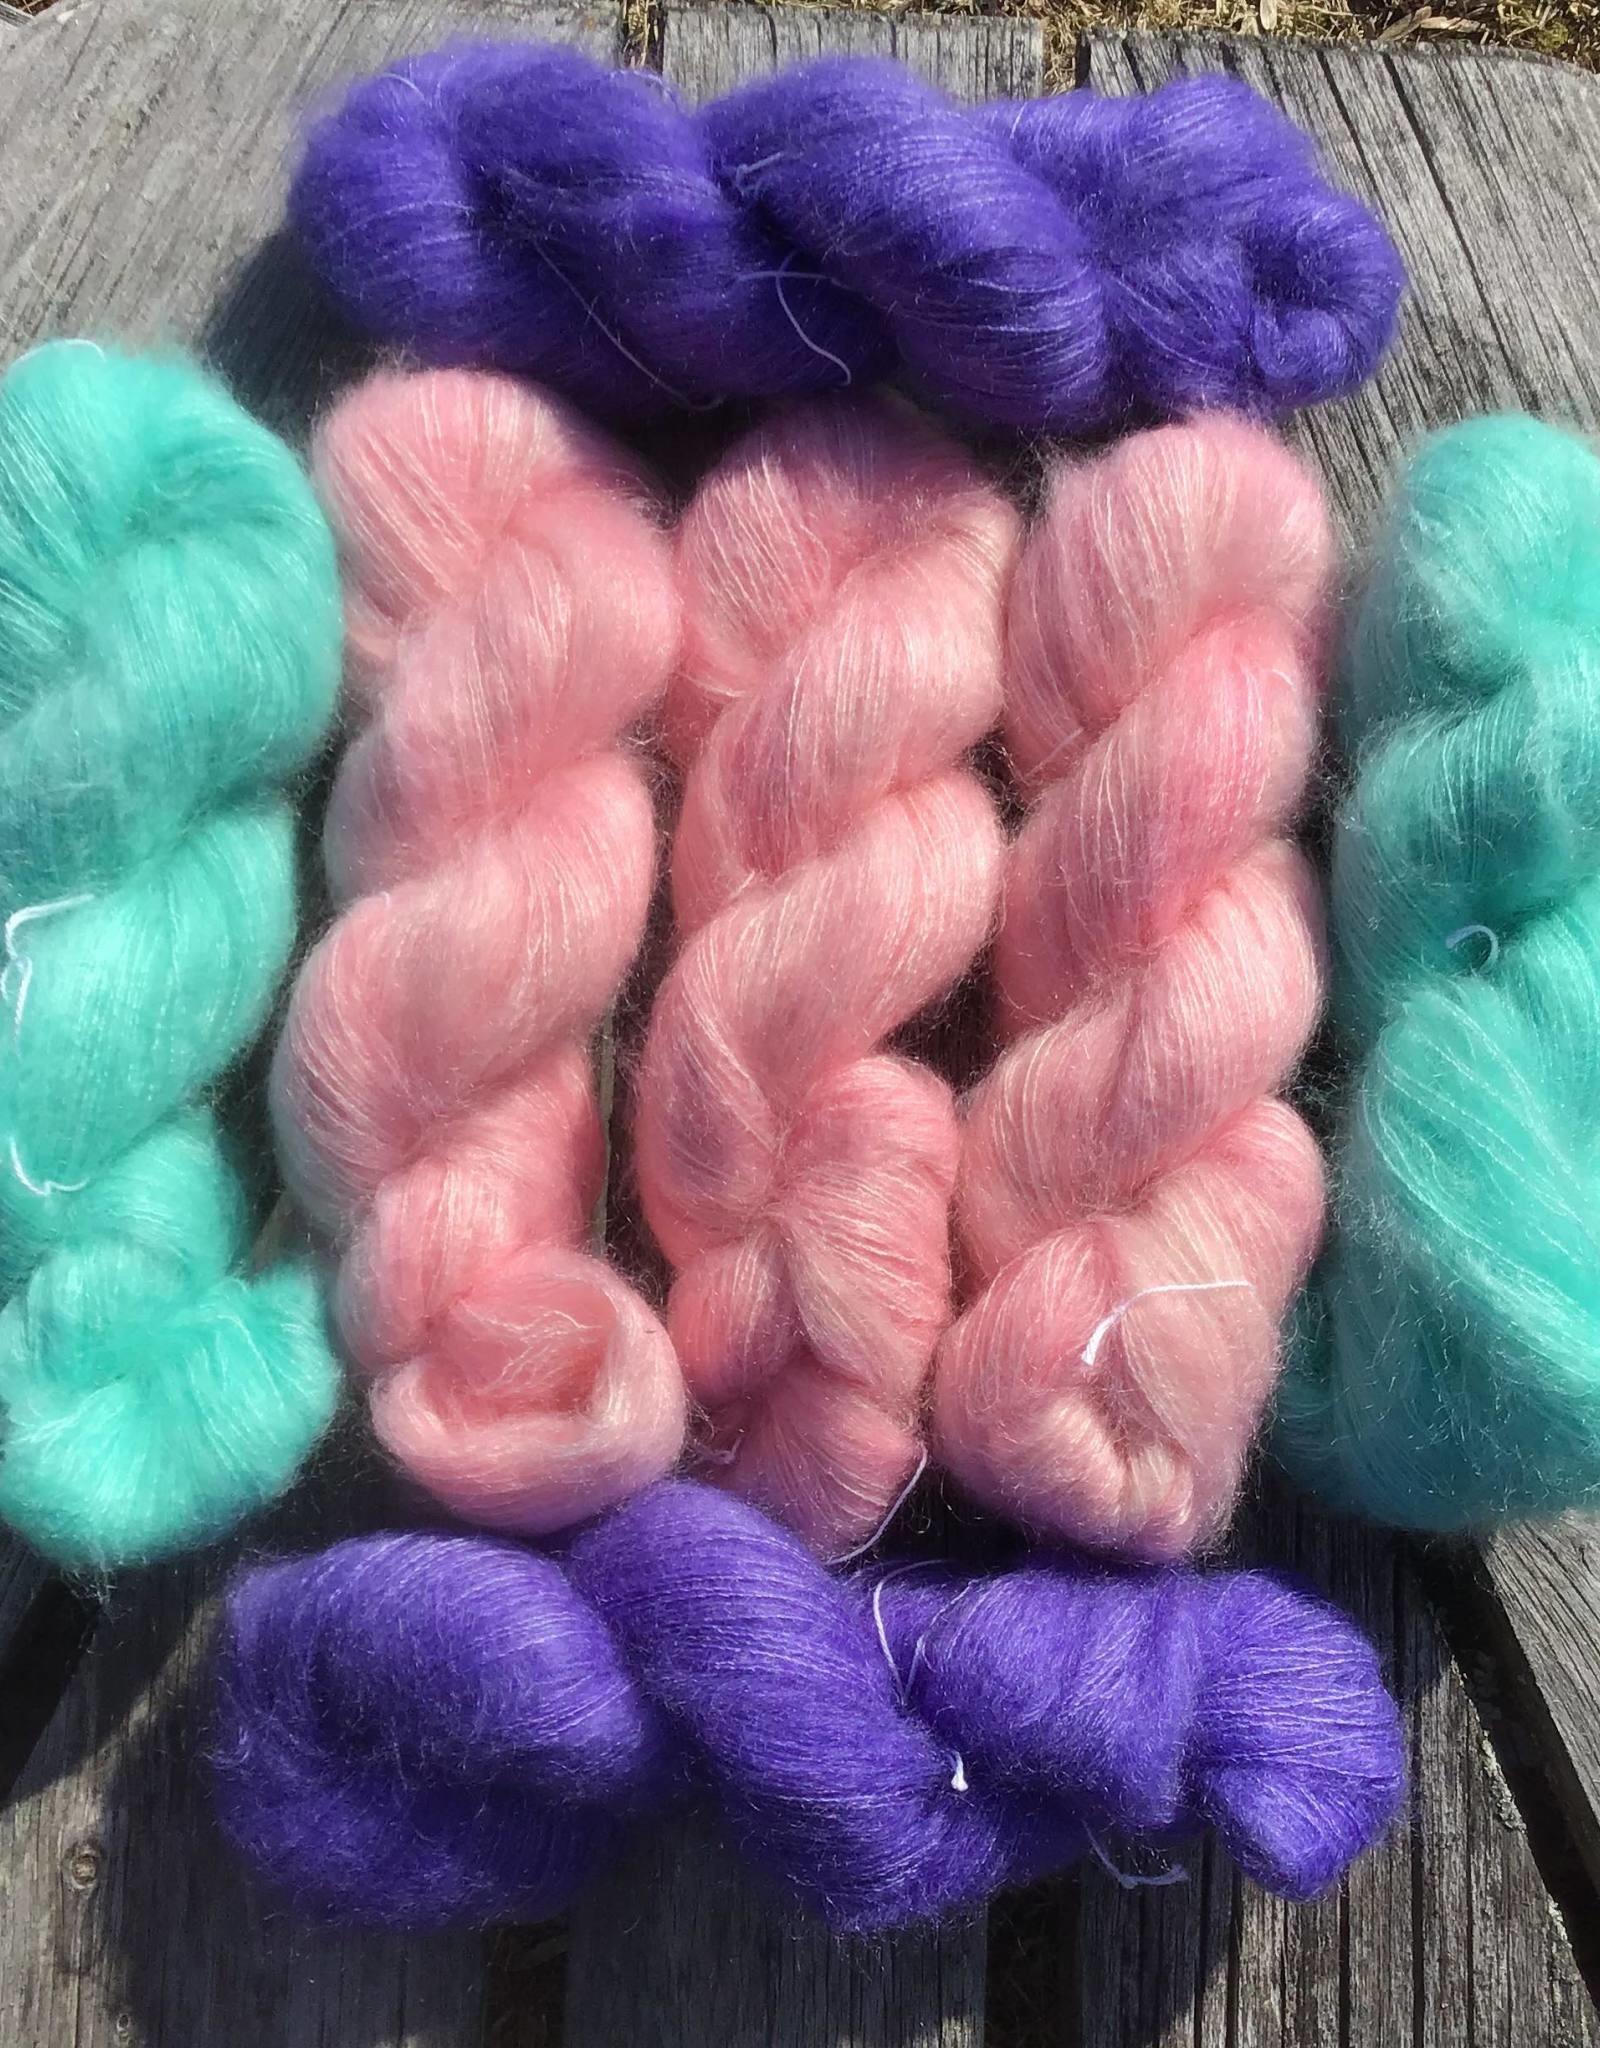 Shady Lady Dyes Yarn Shady Lady Dyes Yarn - CK